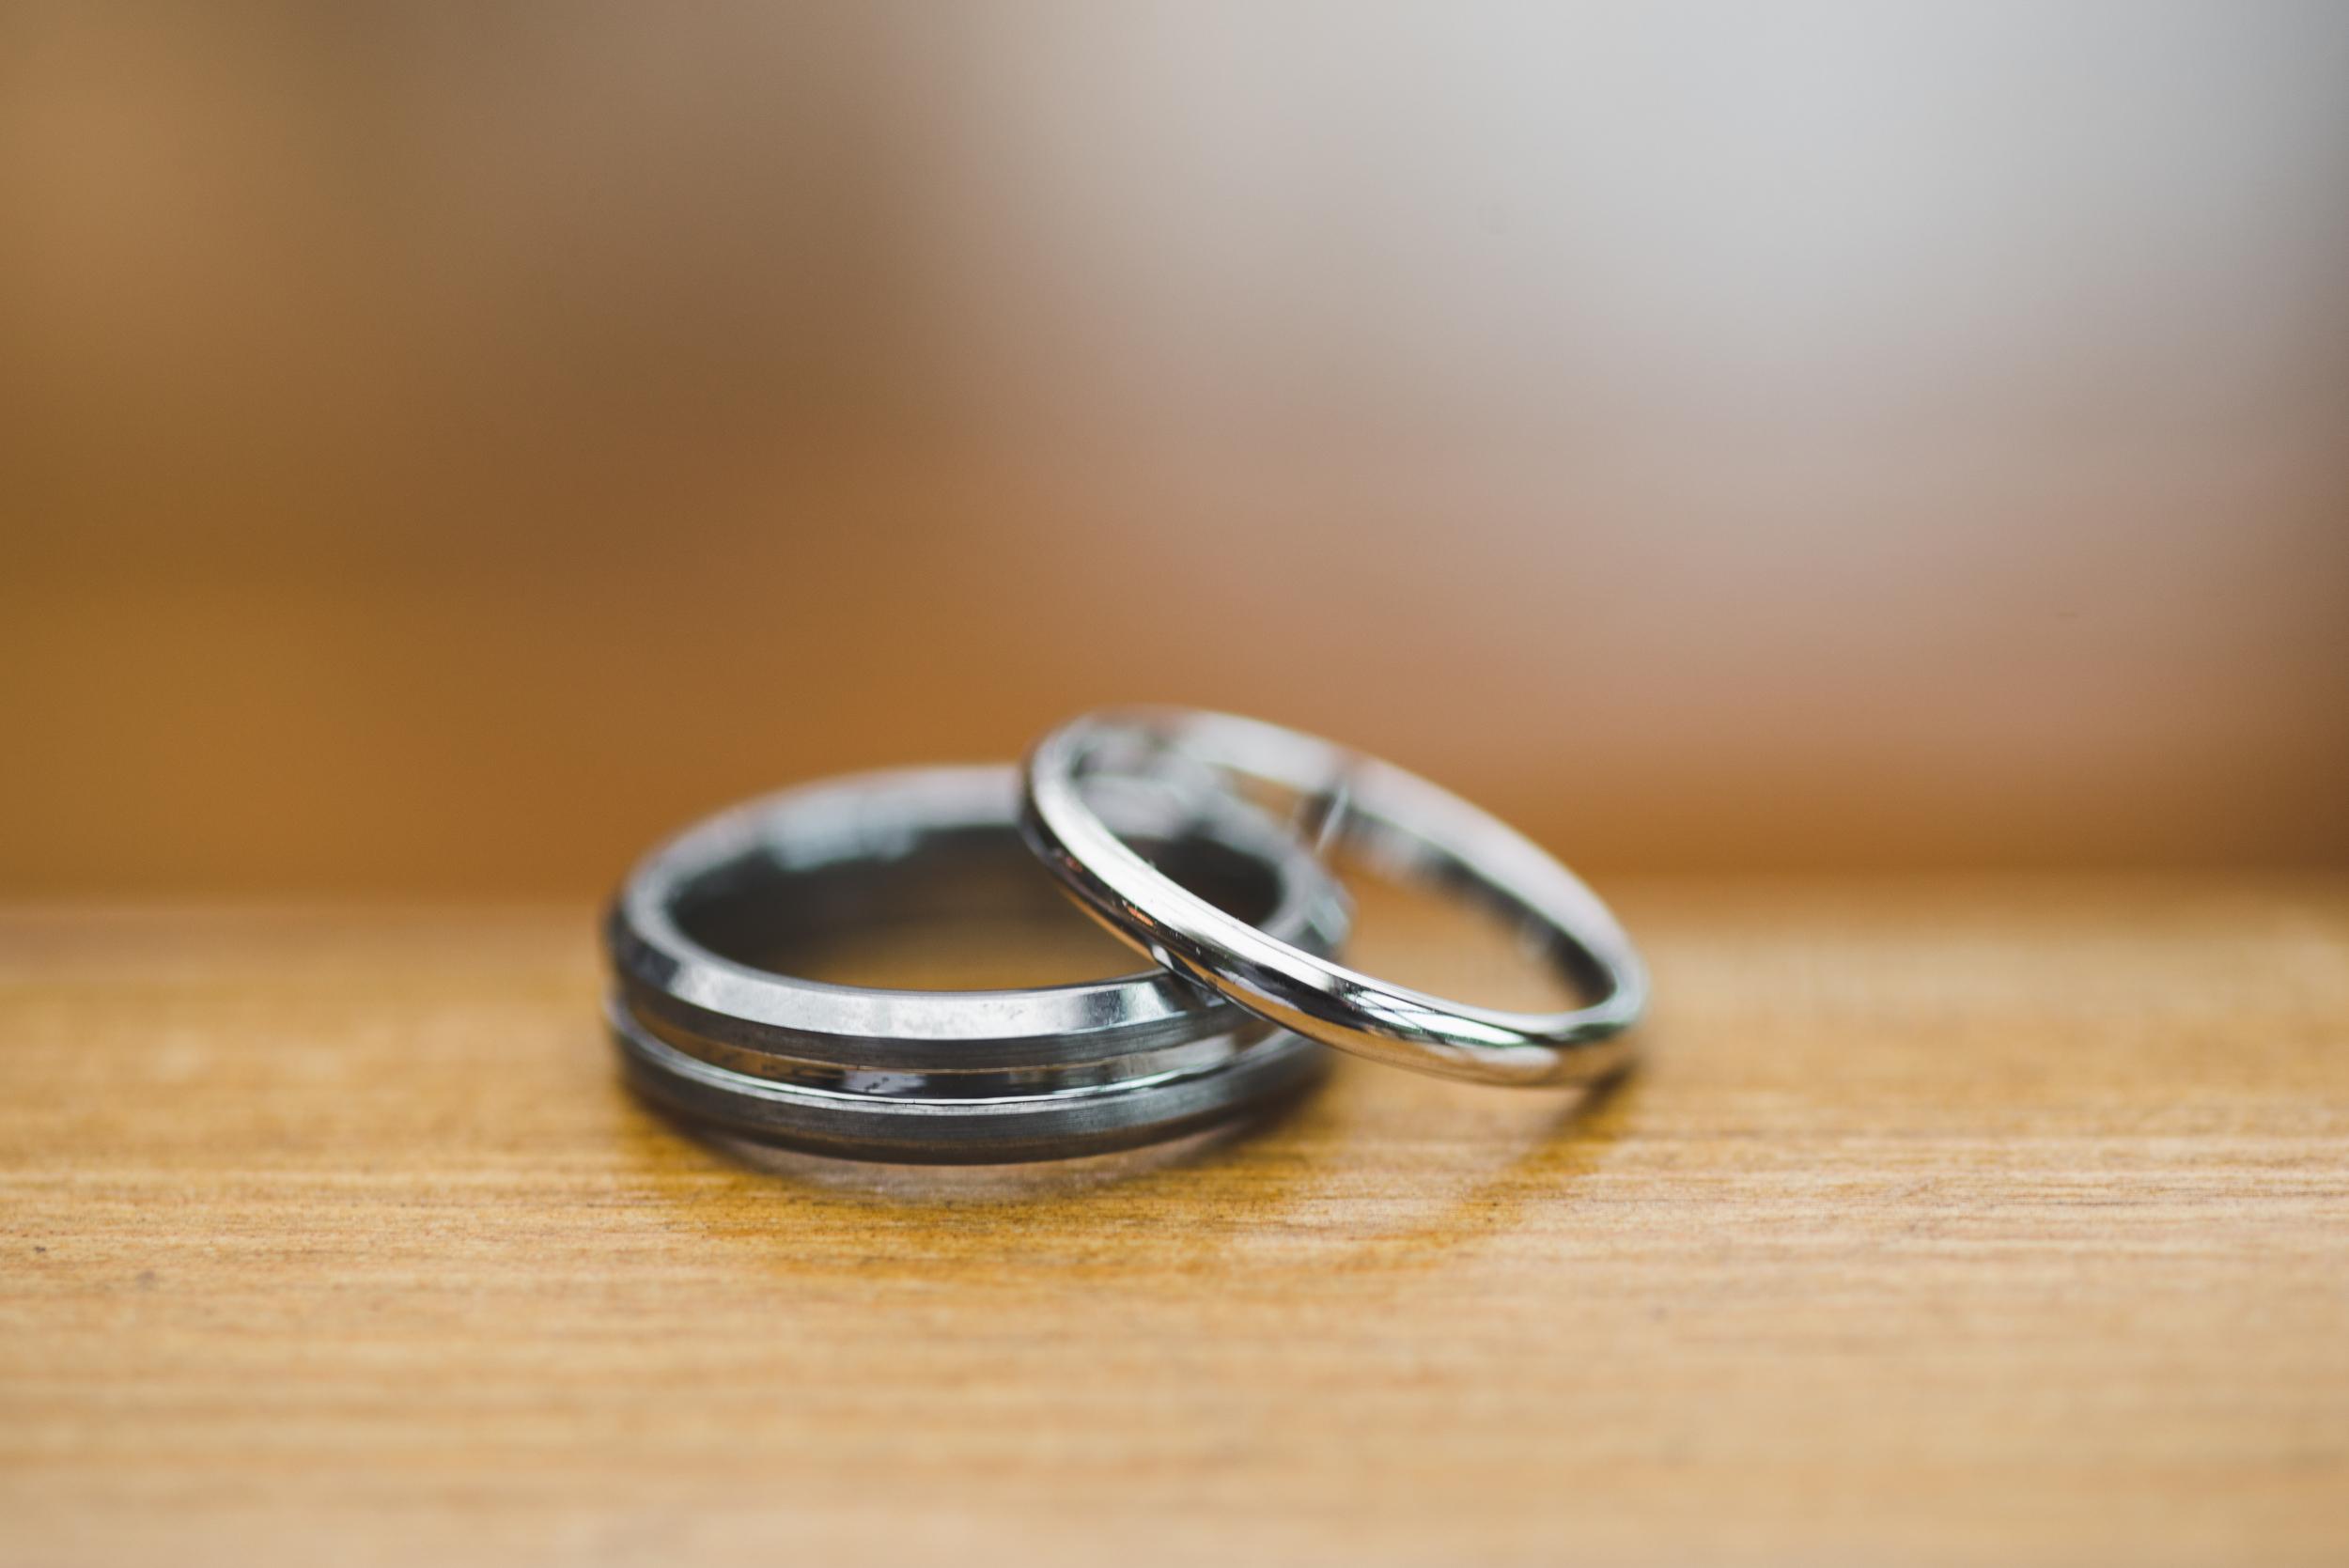 Belfast_Wedding_Photographer_Purephotoni_Weavers_Lodge_Wedding_Rings